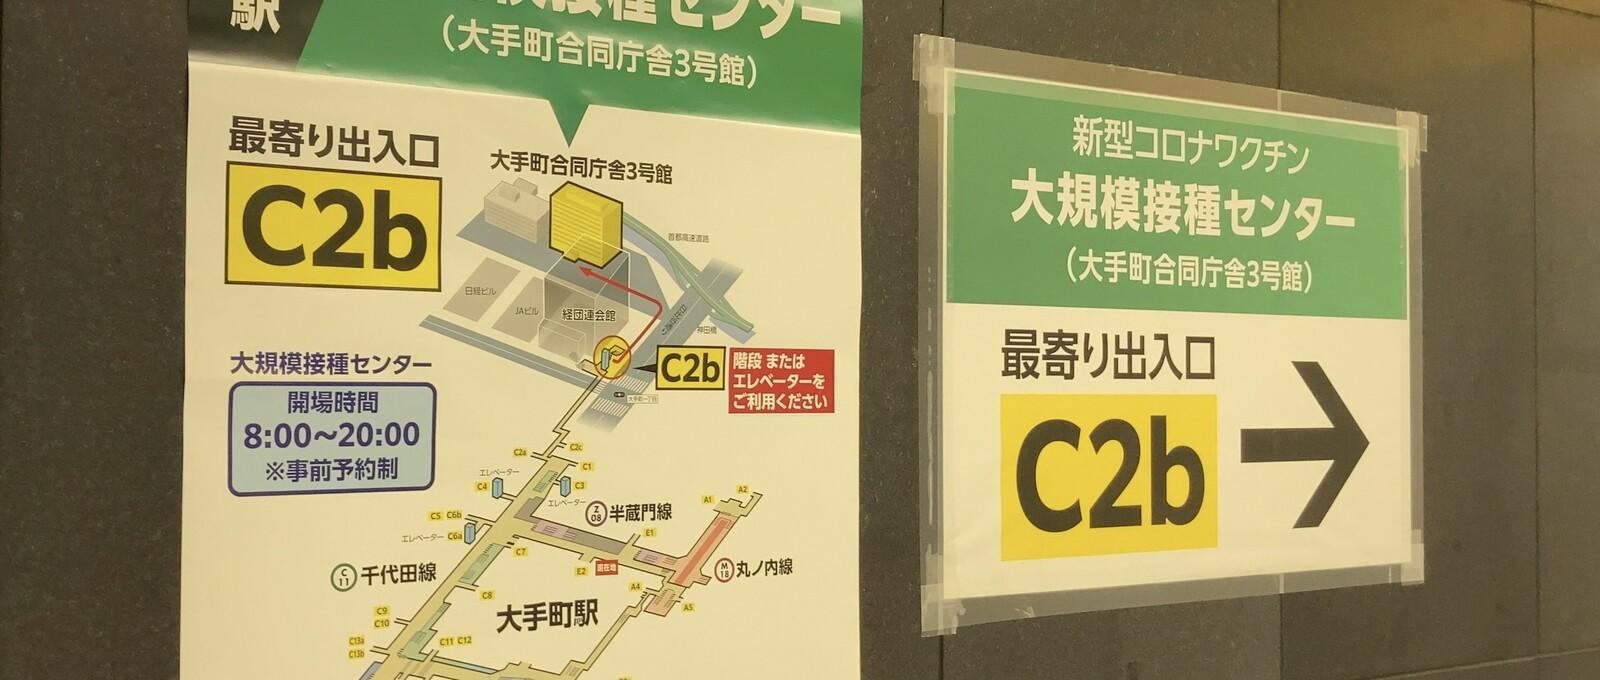 大手町駅構内の案内矢印の写真